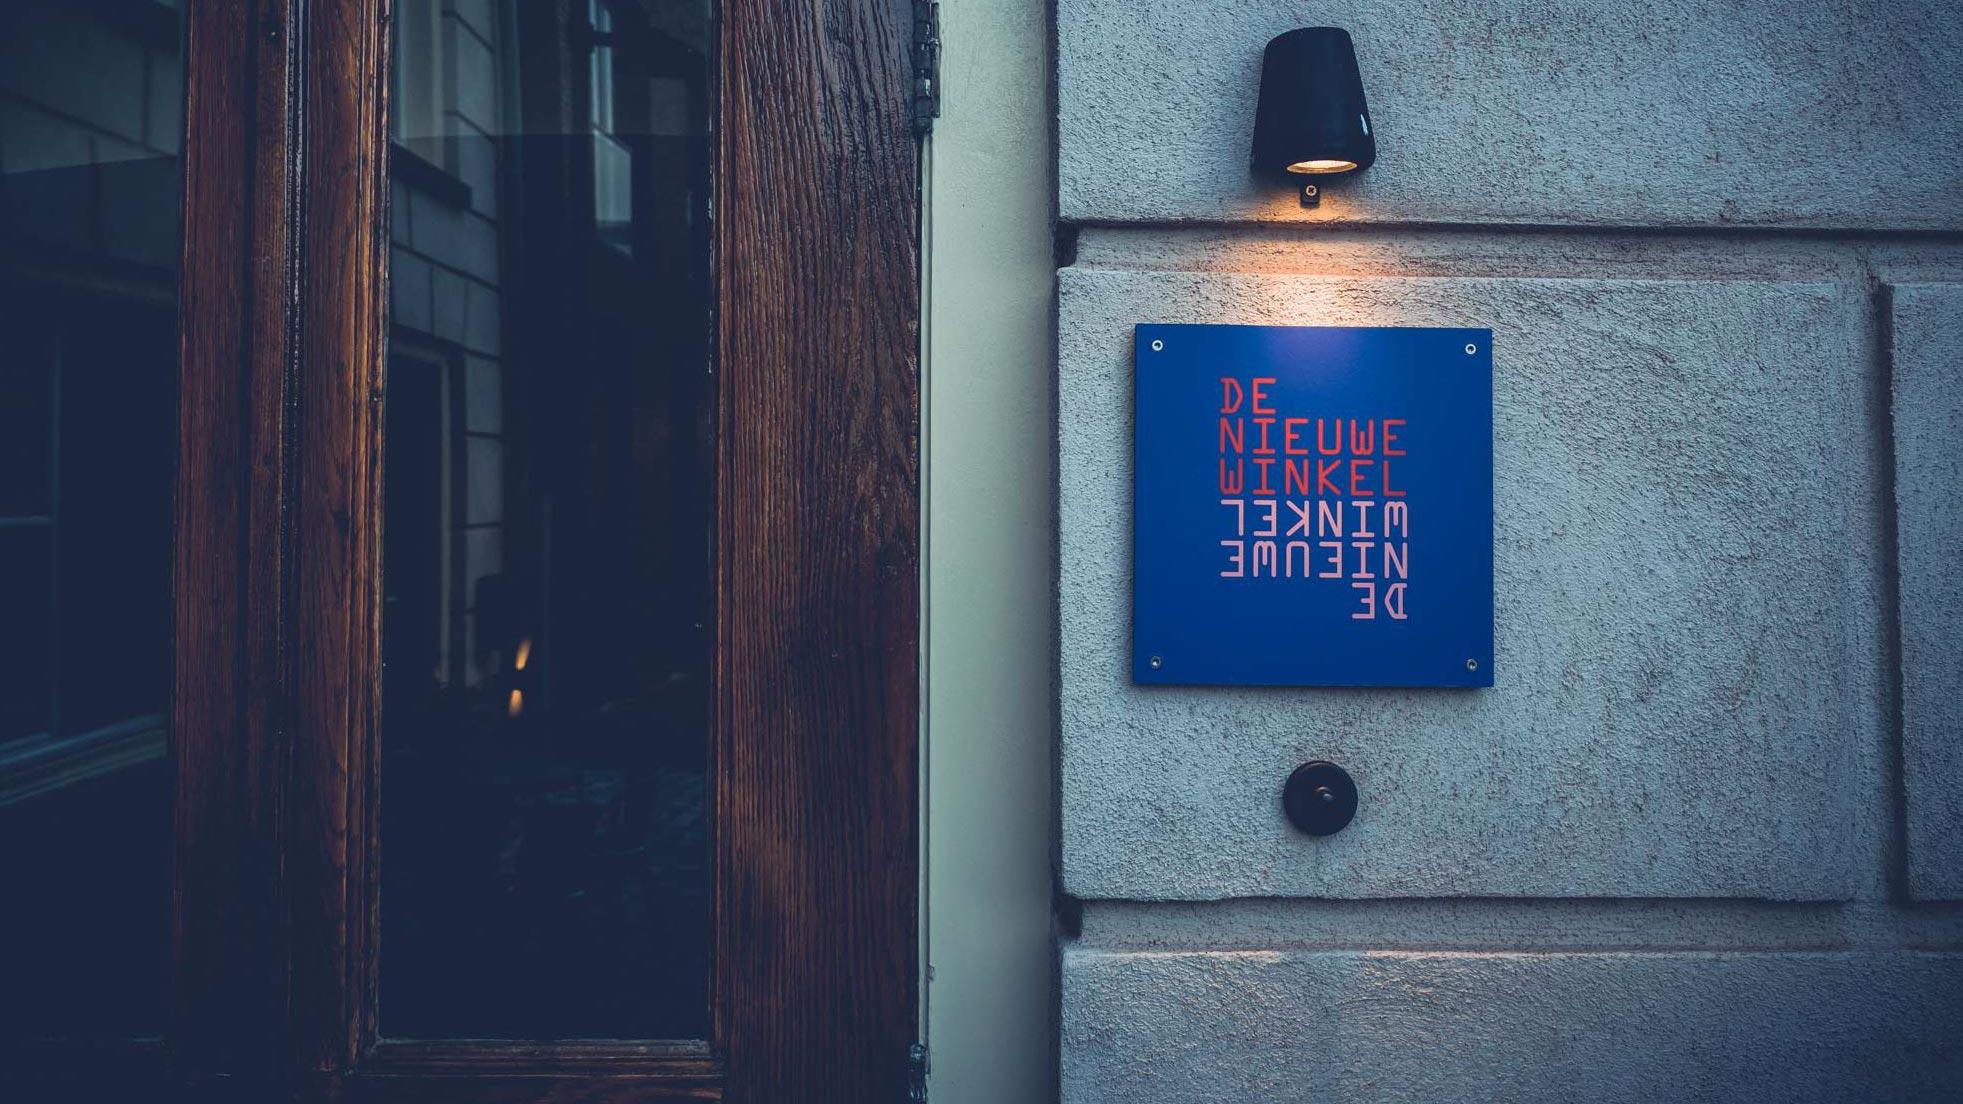 De Nieuwe Winkel - Logo bij voordeur